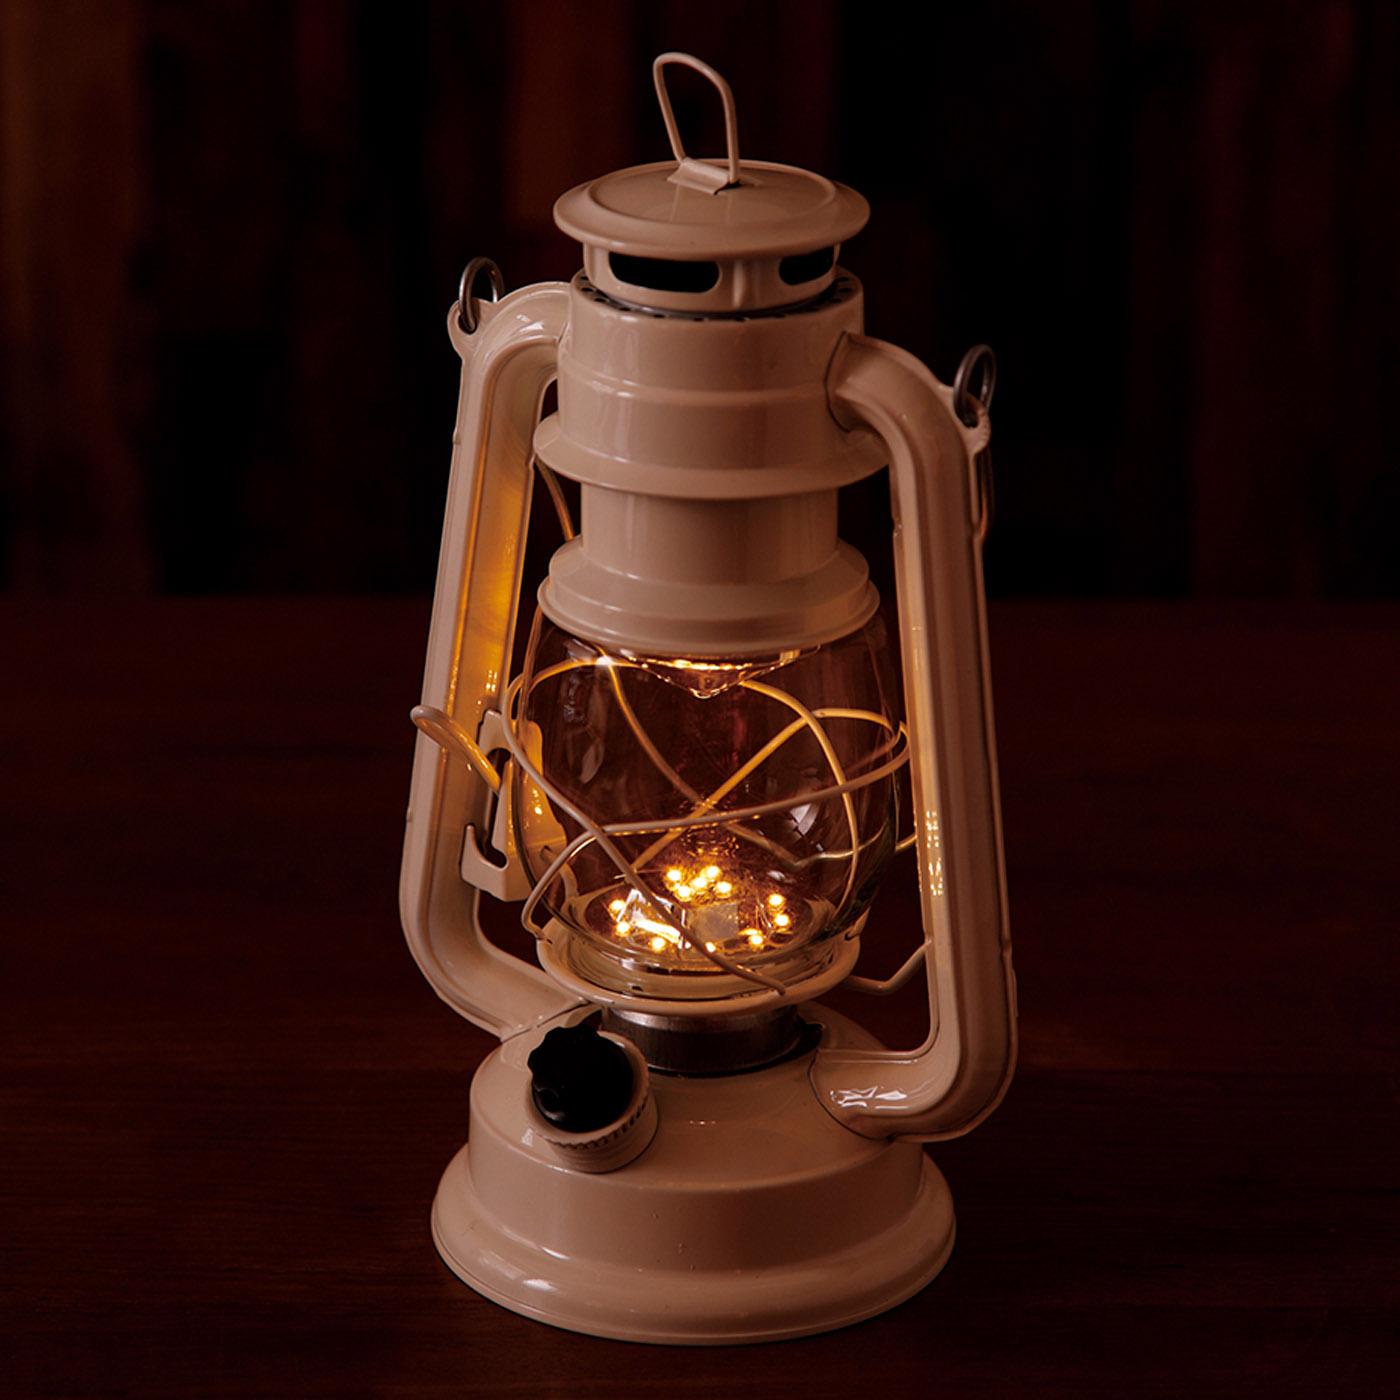 15灯のLEDを使用しており、ダイヤルを回してお好みの明るさに調整できます。 ※写真は別色です。